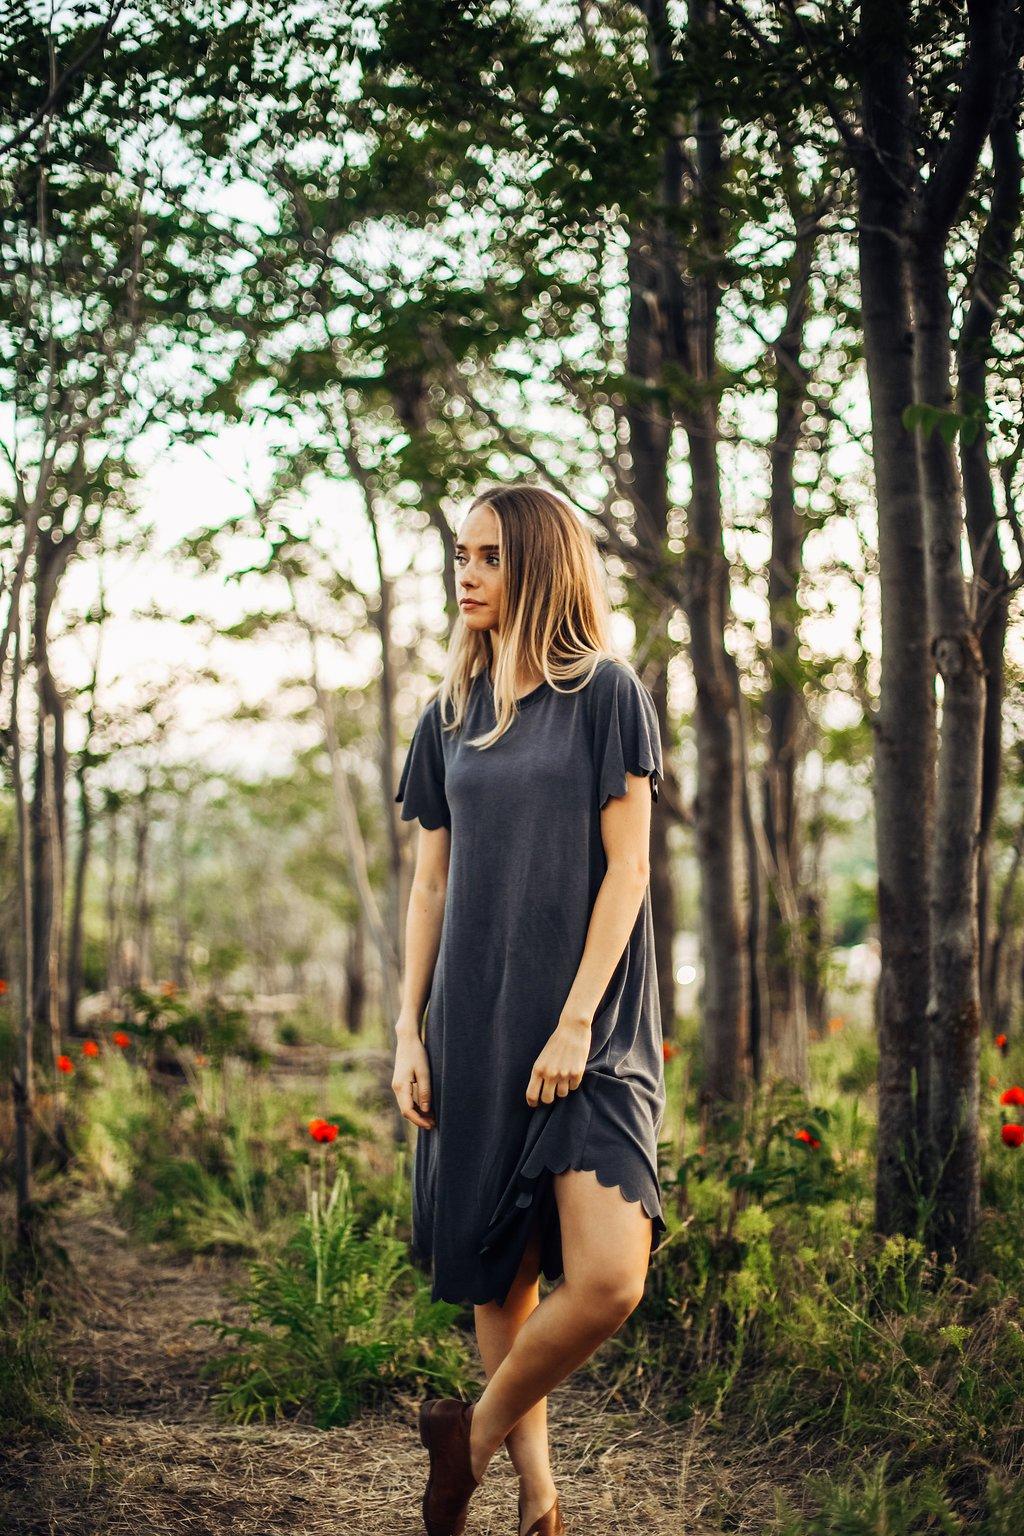 FloretteScalloped Dress: Sale $16.80, Regular $42.00